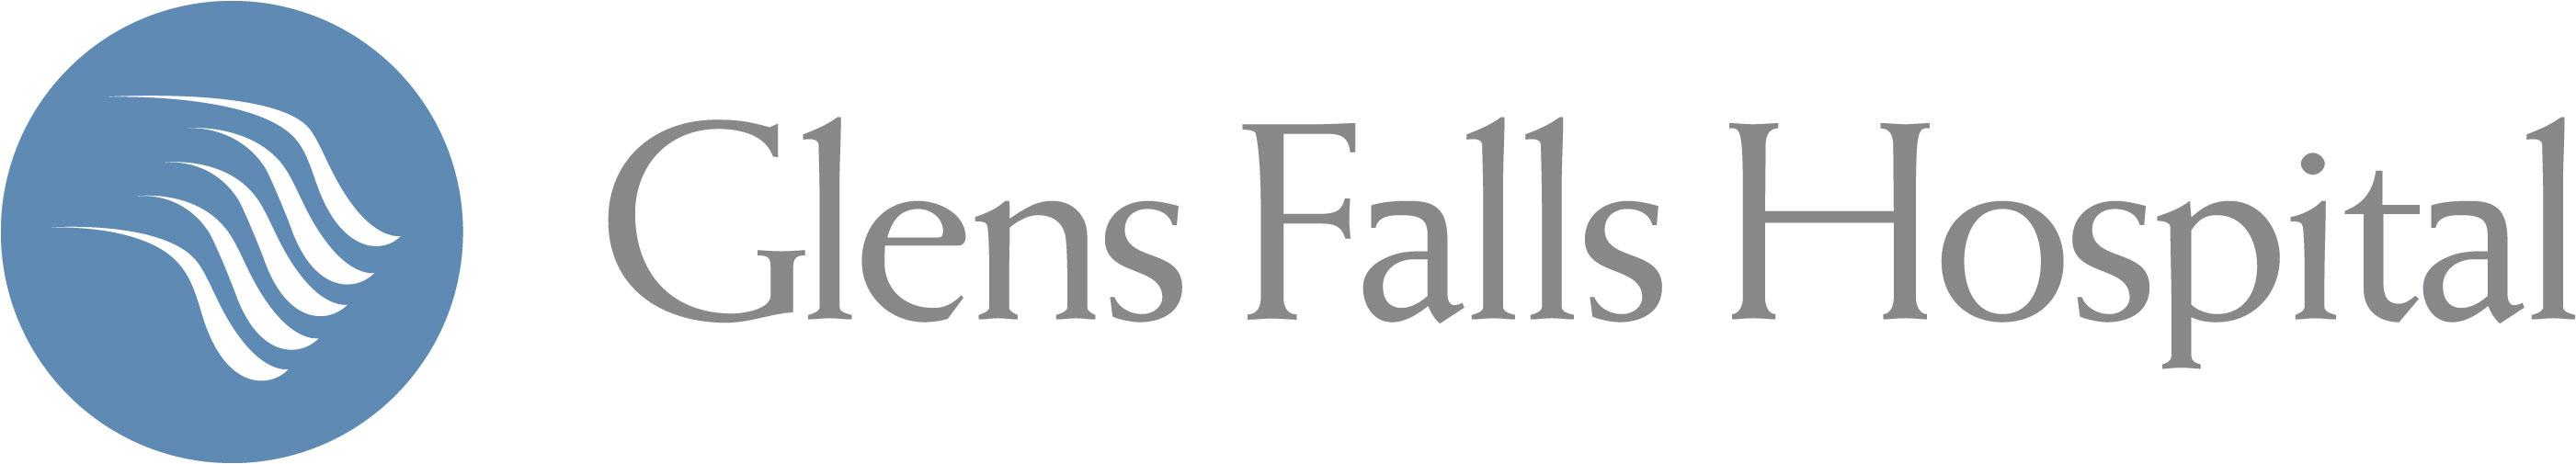 Glens falls hospital   244446360